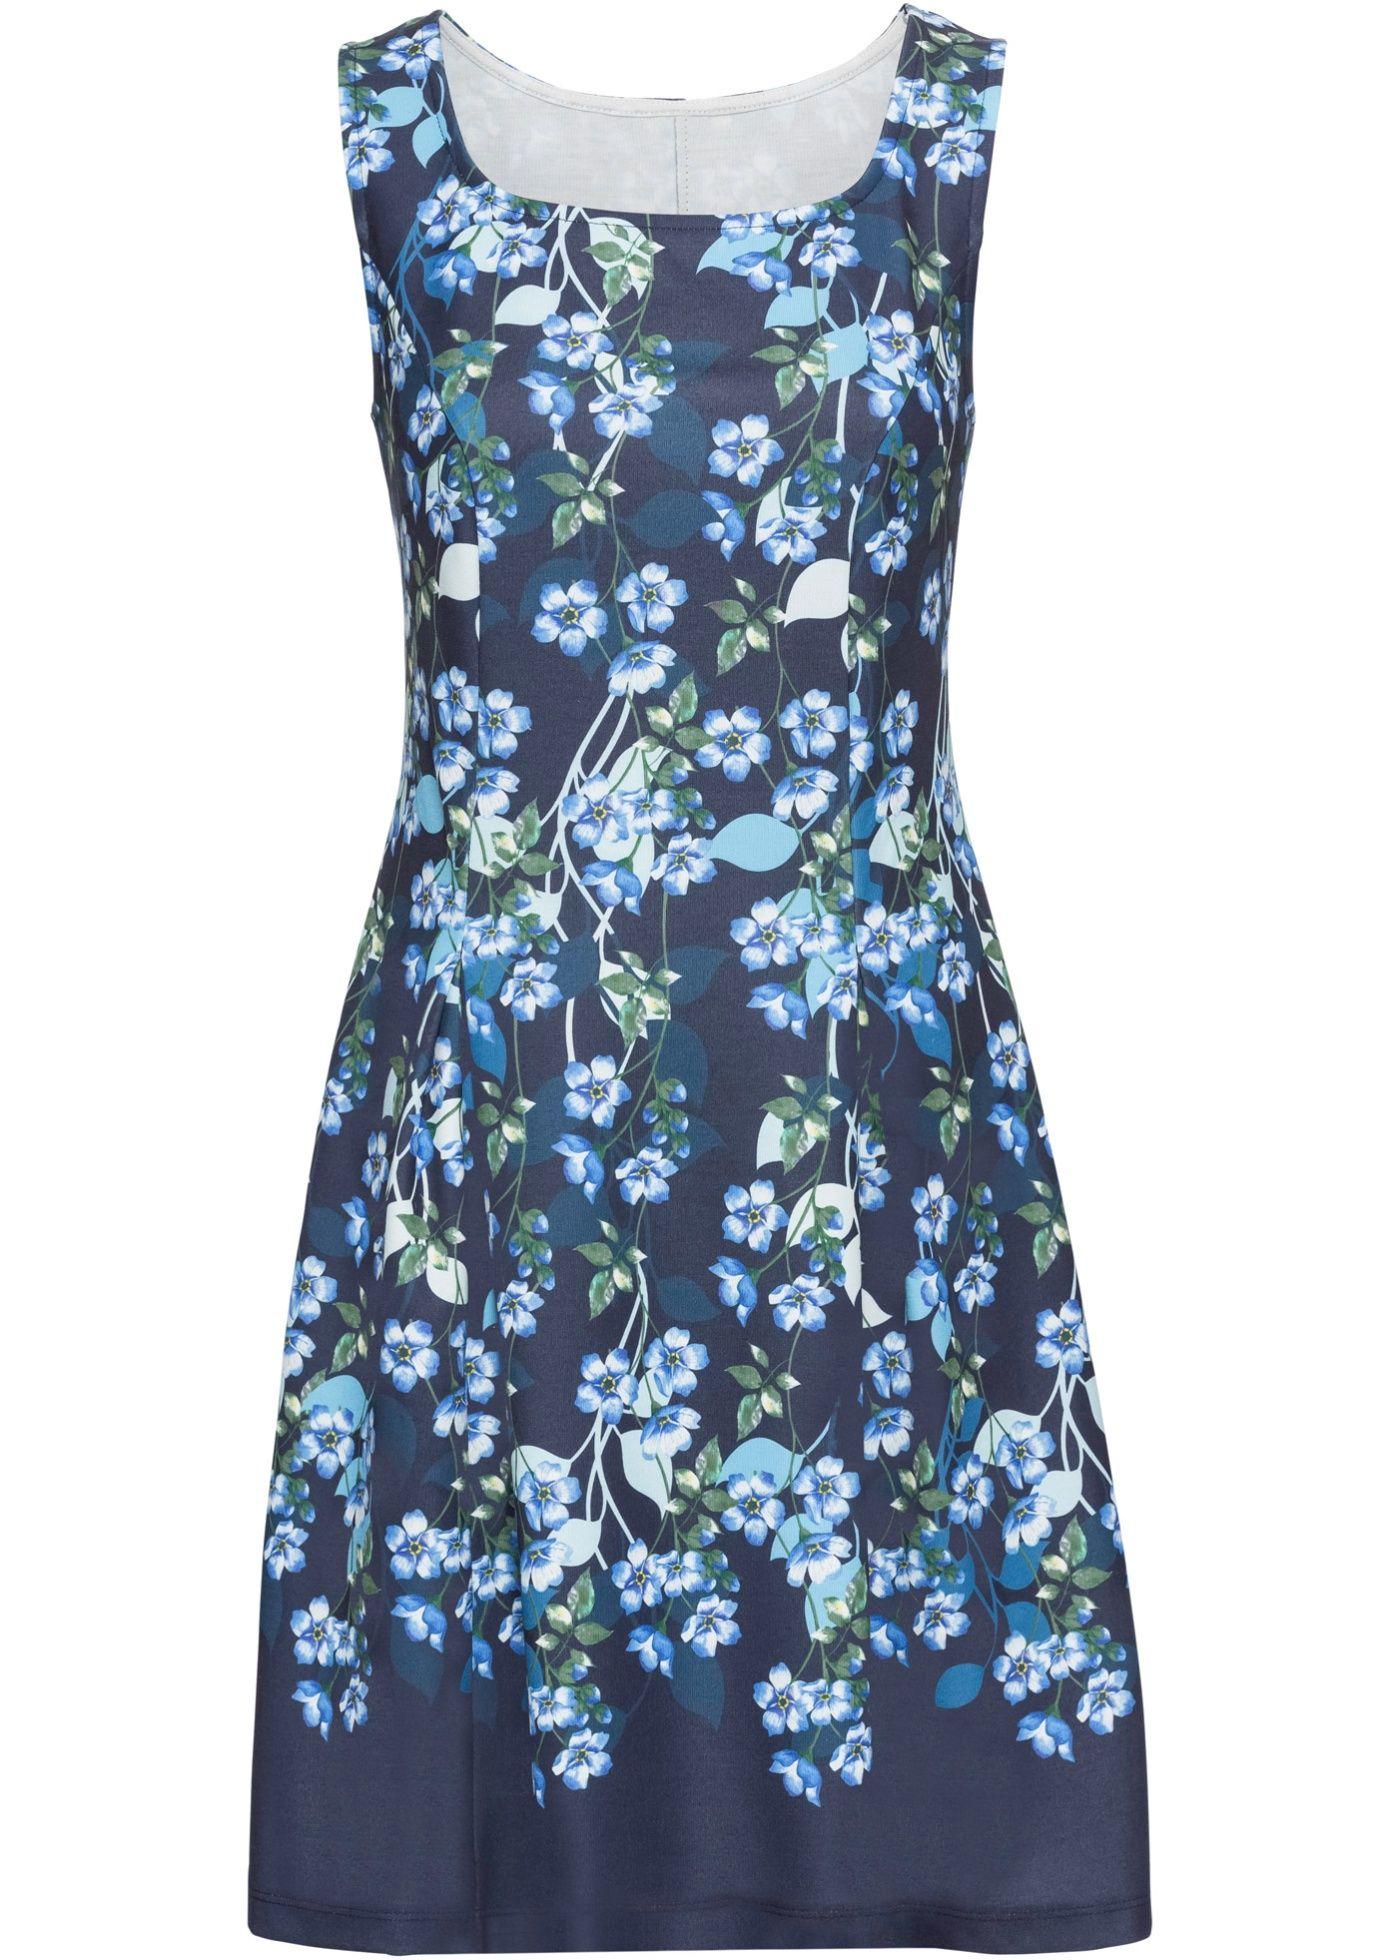 Jersey-Kleid mit Blumen-Print   Kleid arbeit, Kleider und ...